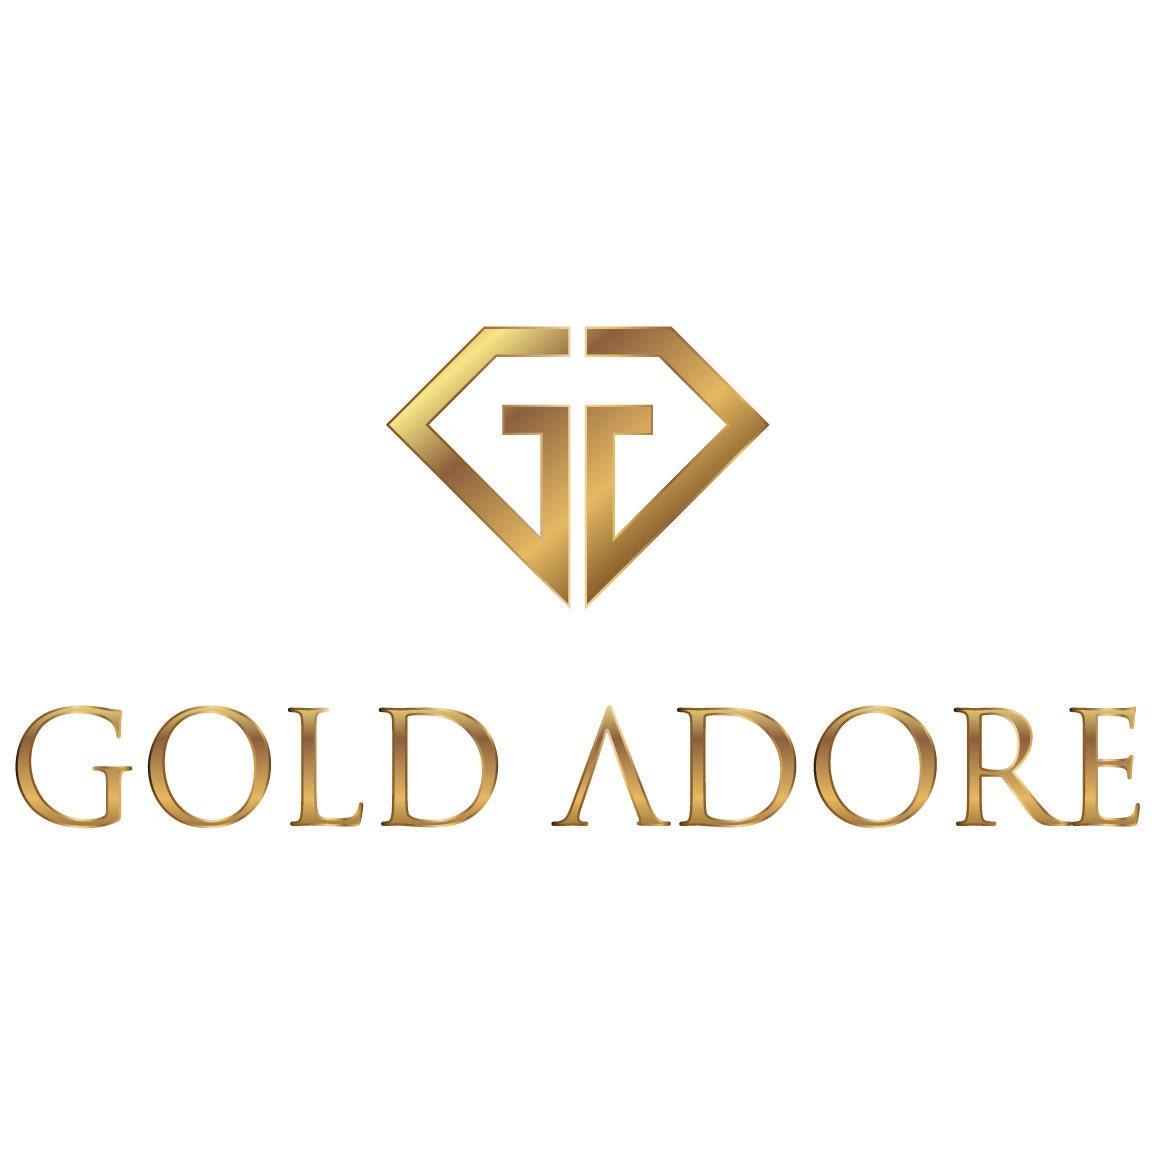 Gold Adore Fine Vintage Jewelry von GoldAdore auf Etsy